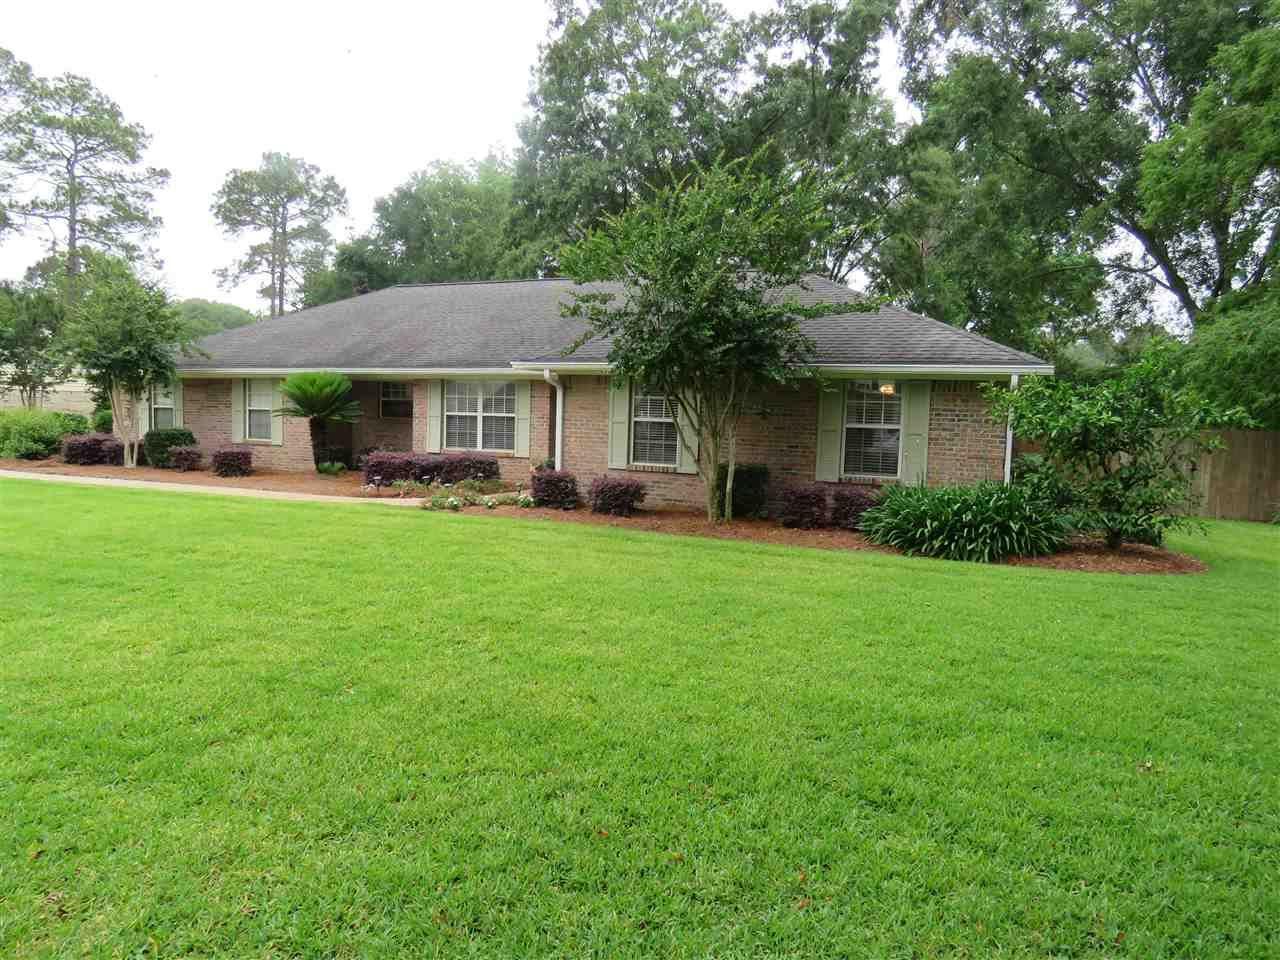 Photo of 2850 Fitzpatrick Drive, TALLAHASSEE, FL 32309 (MLS # 332157)